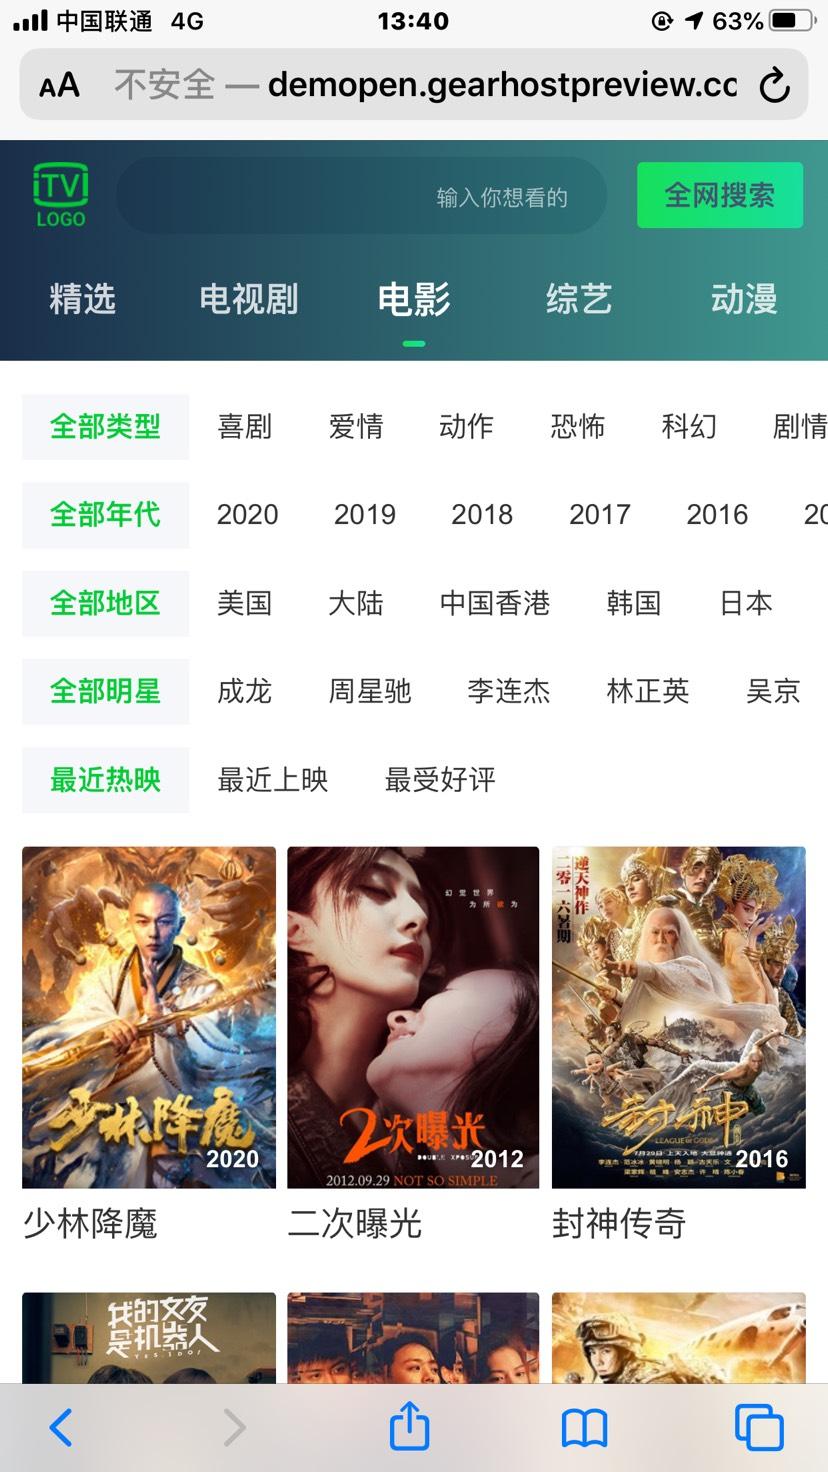 最新更新高仿爱奇艺h5电影站